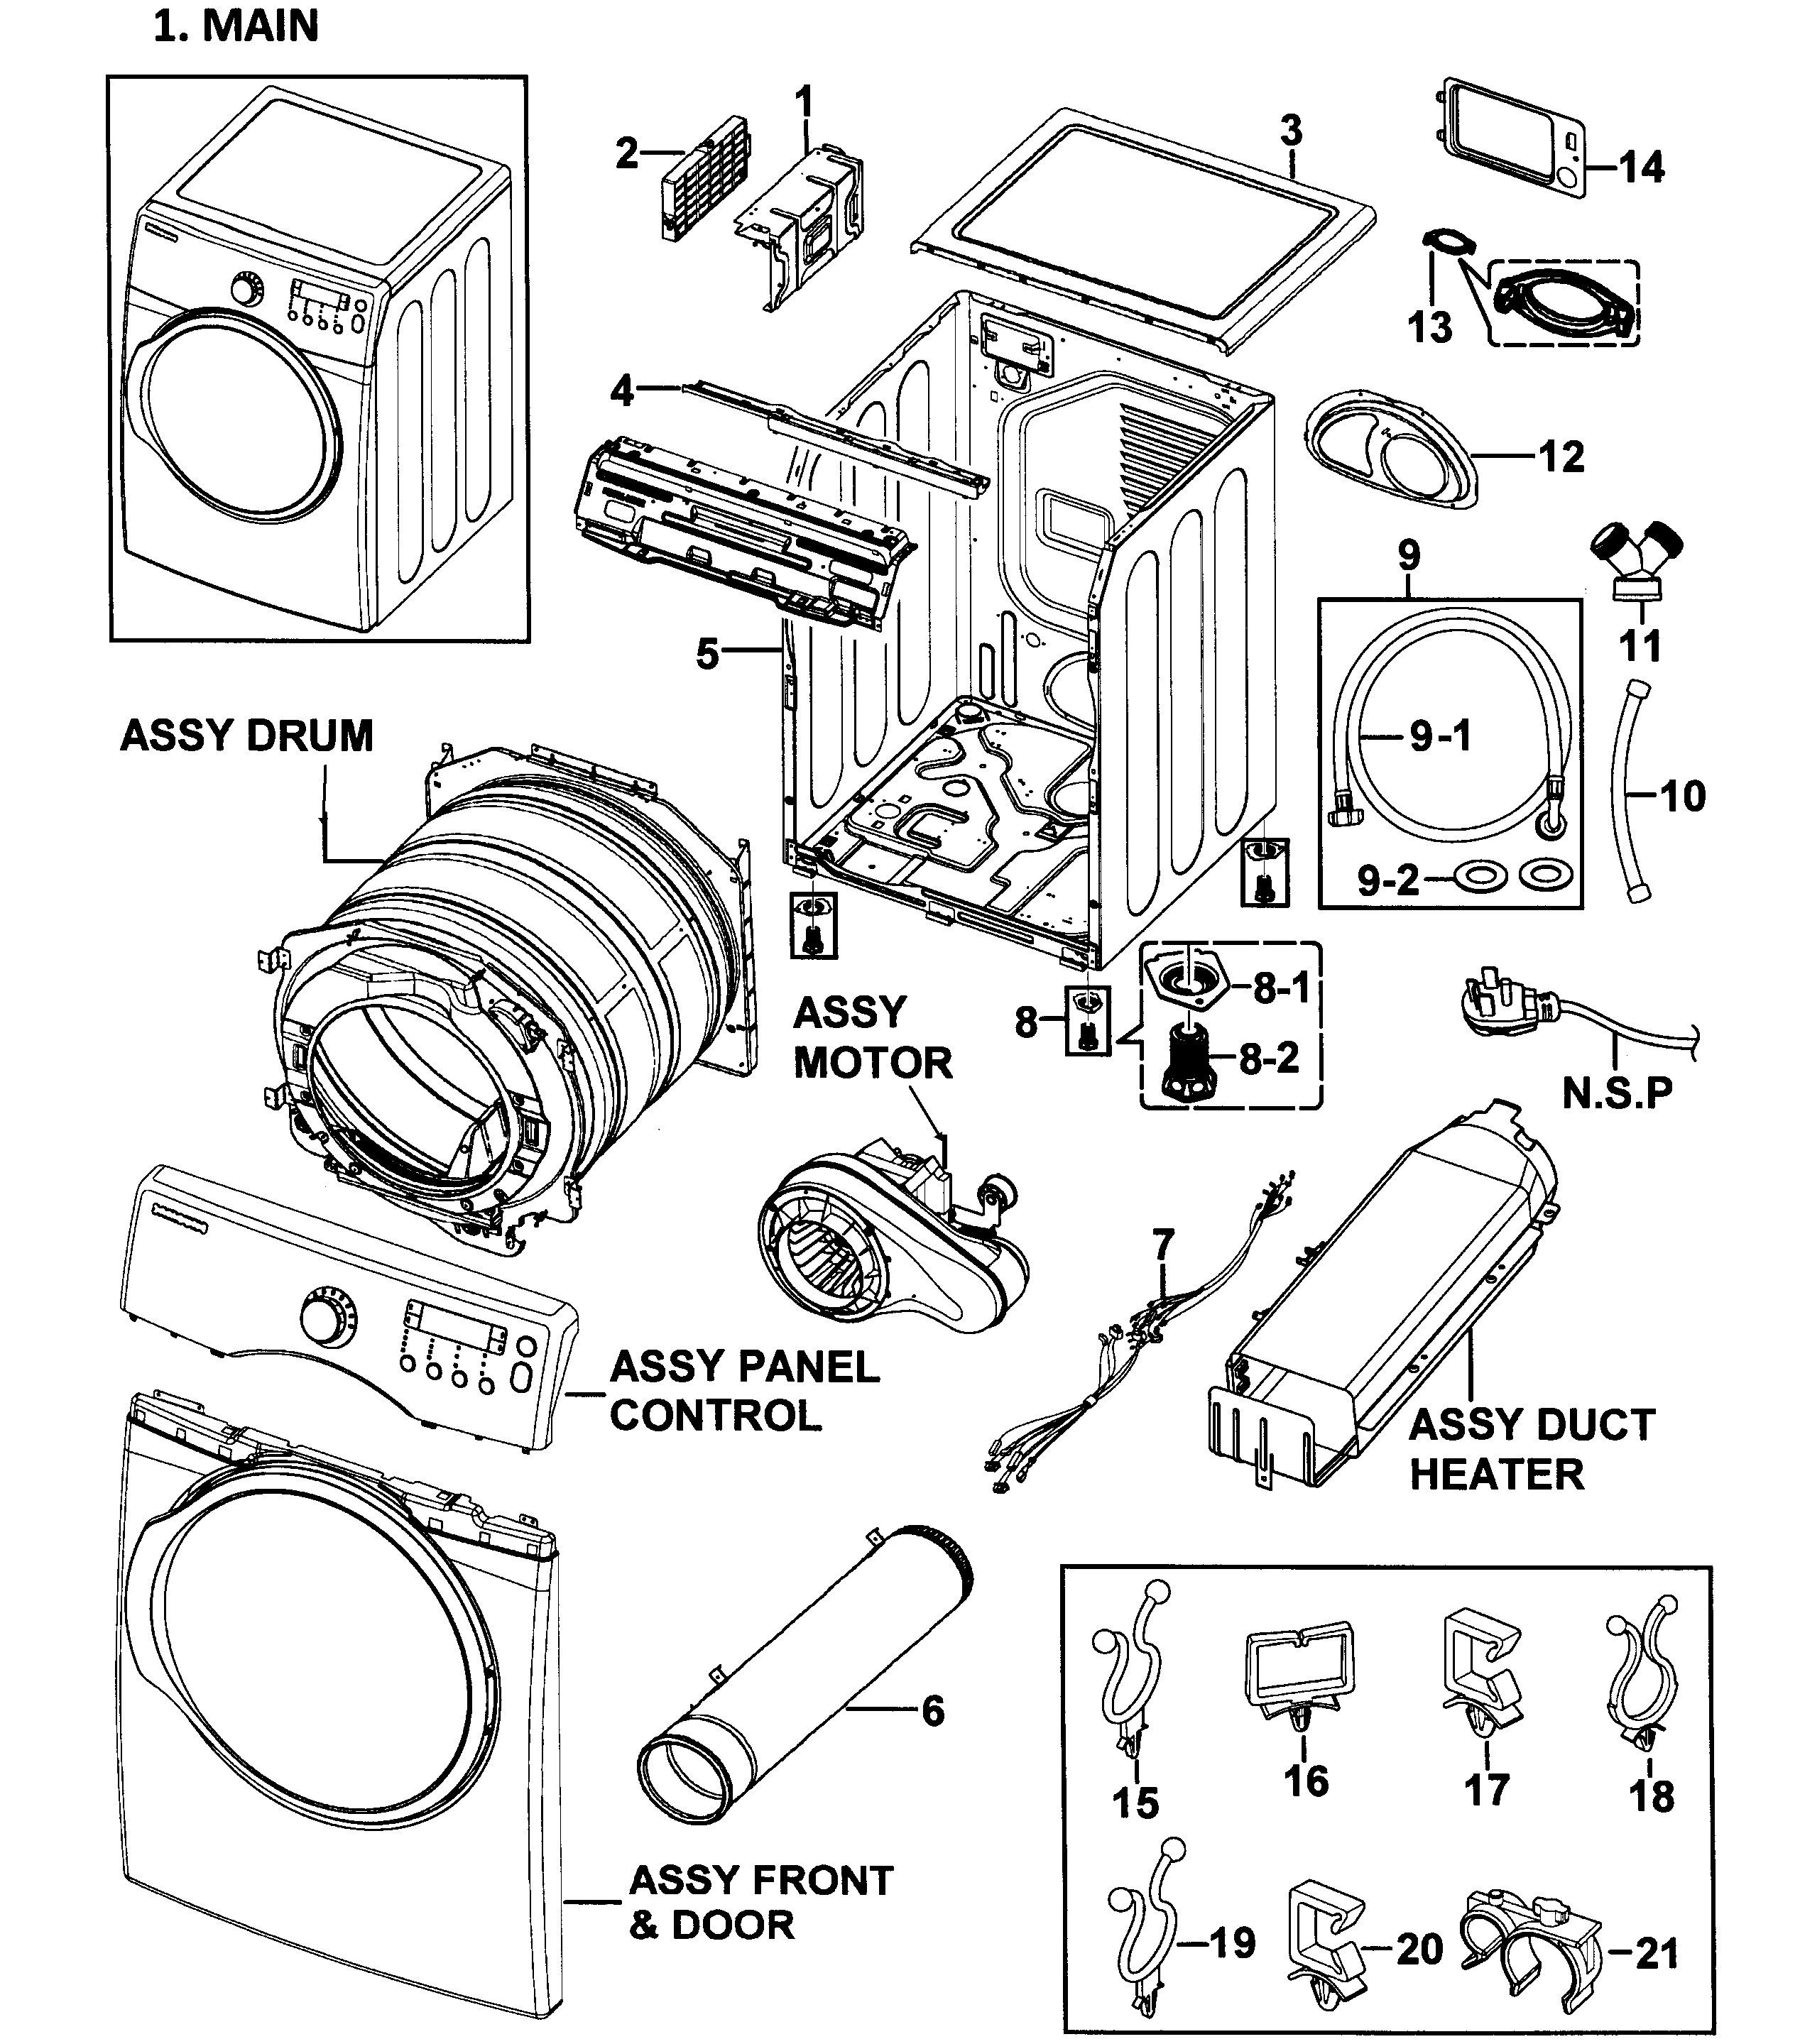 Wire Diagram For Samsung Dryer Model Dve52m8650v A3 Samsung Dryer Electric Dryers Dryer Repair